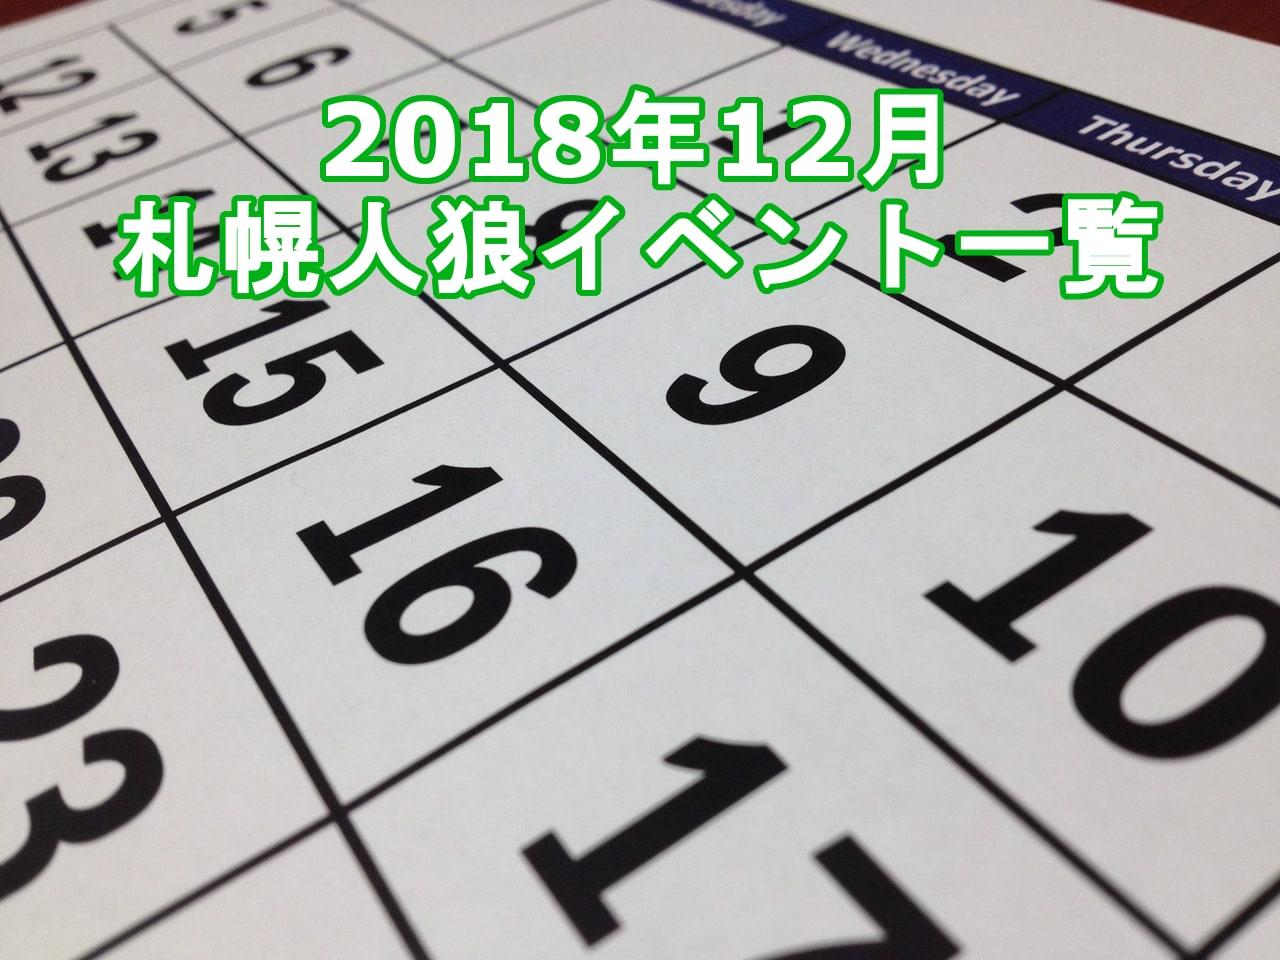 札幌 人狼ゲームイベント 2018年12月